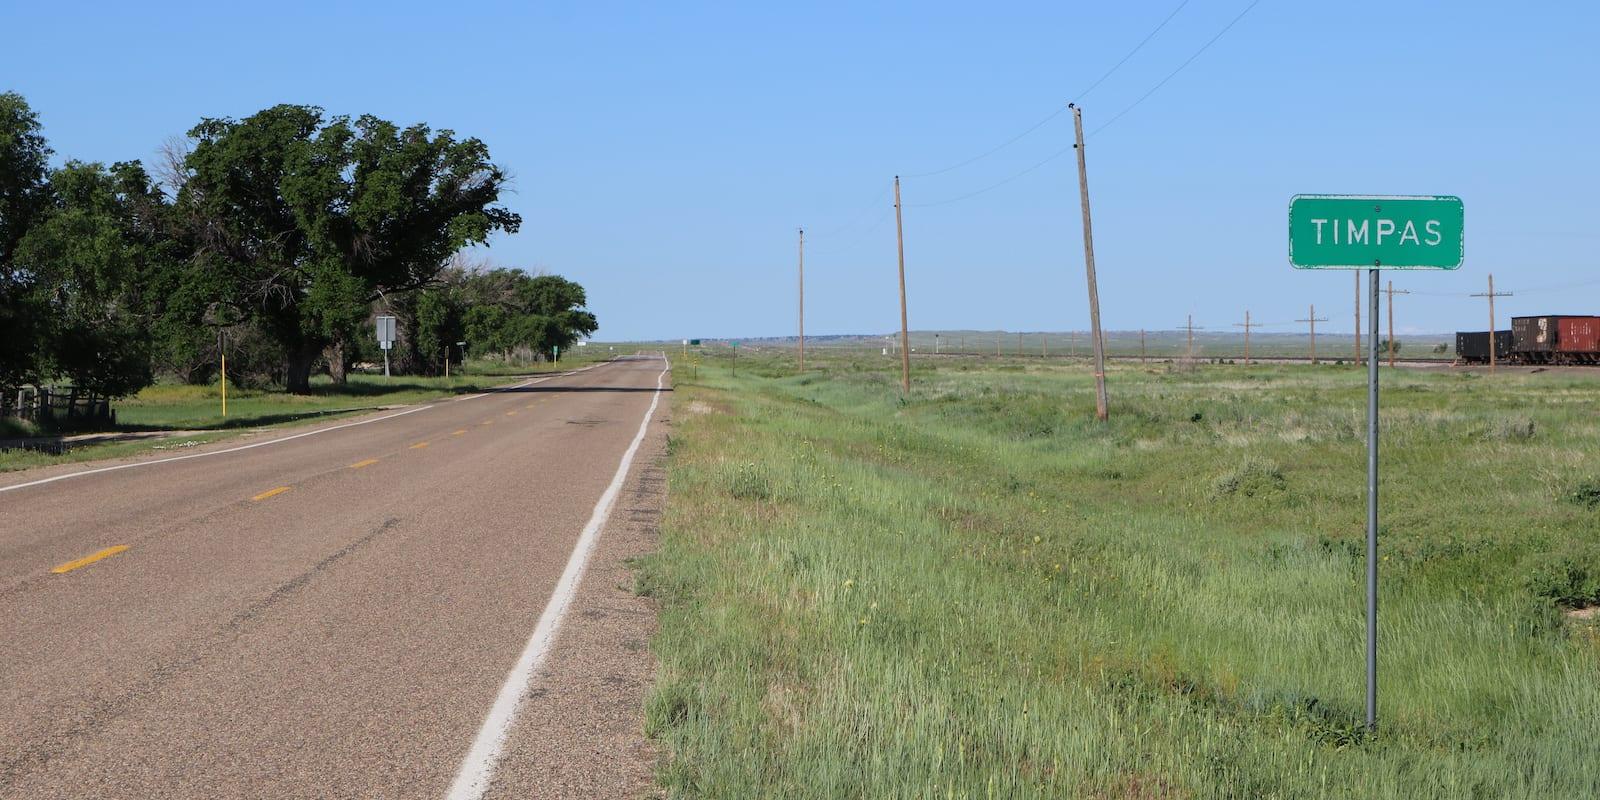 Timpas, Colorado Highway US-350